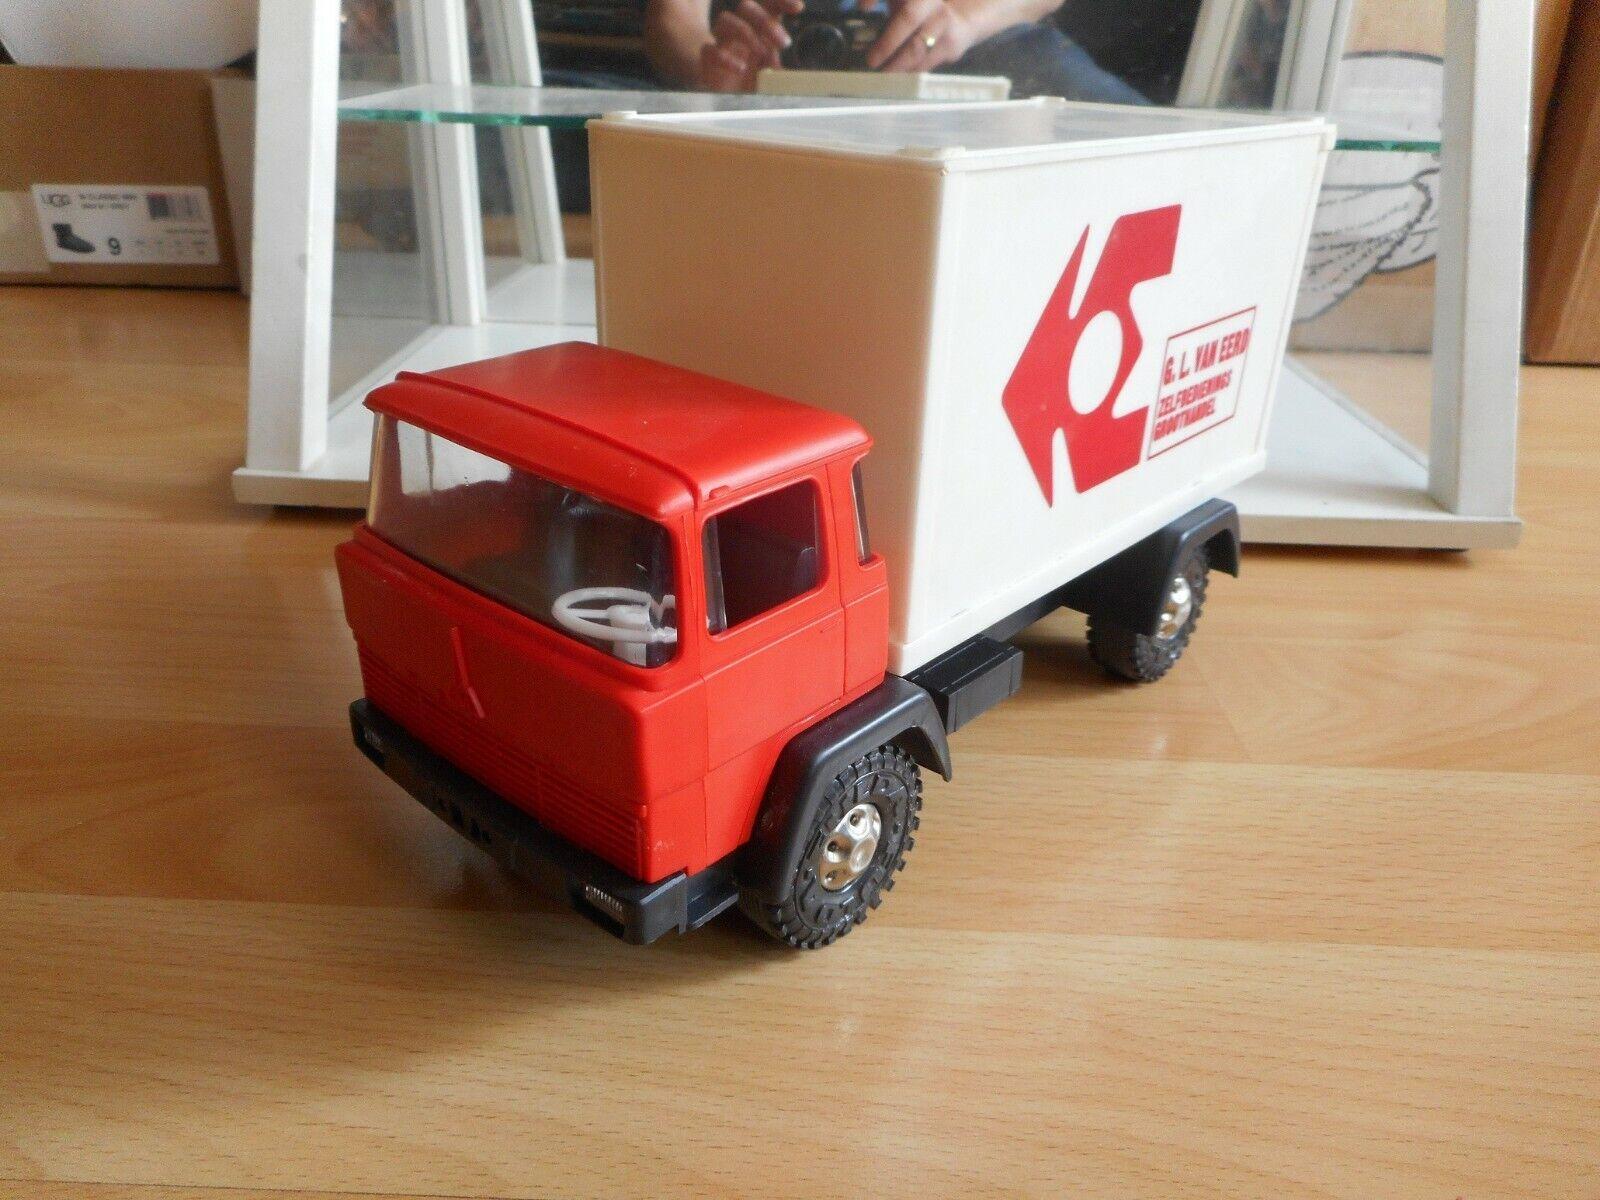 Hammer Toys Magirus Deutz  G L Van Eerd Groothandel  in rouge blanc